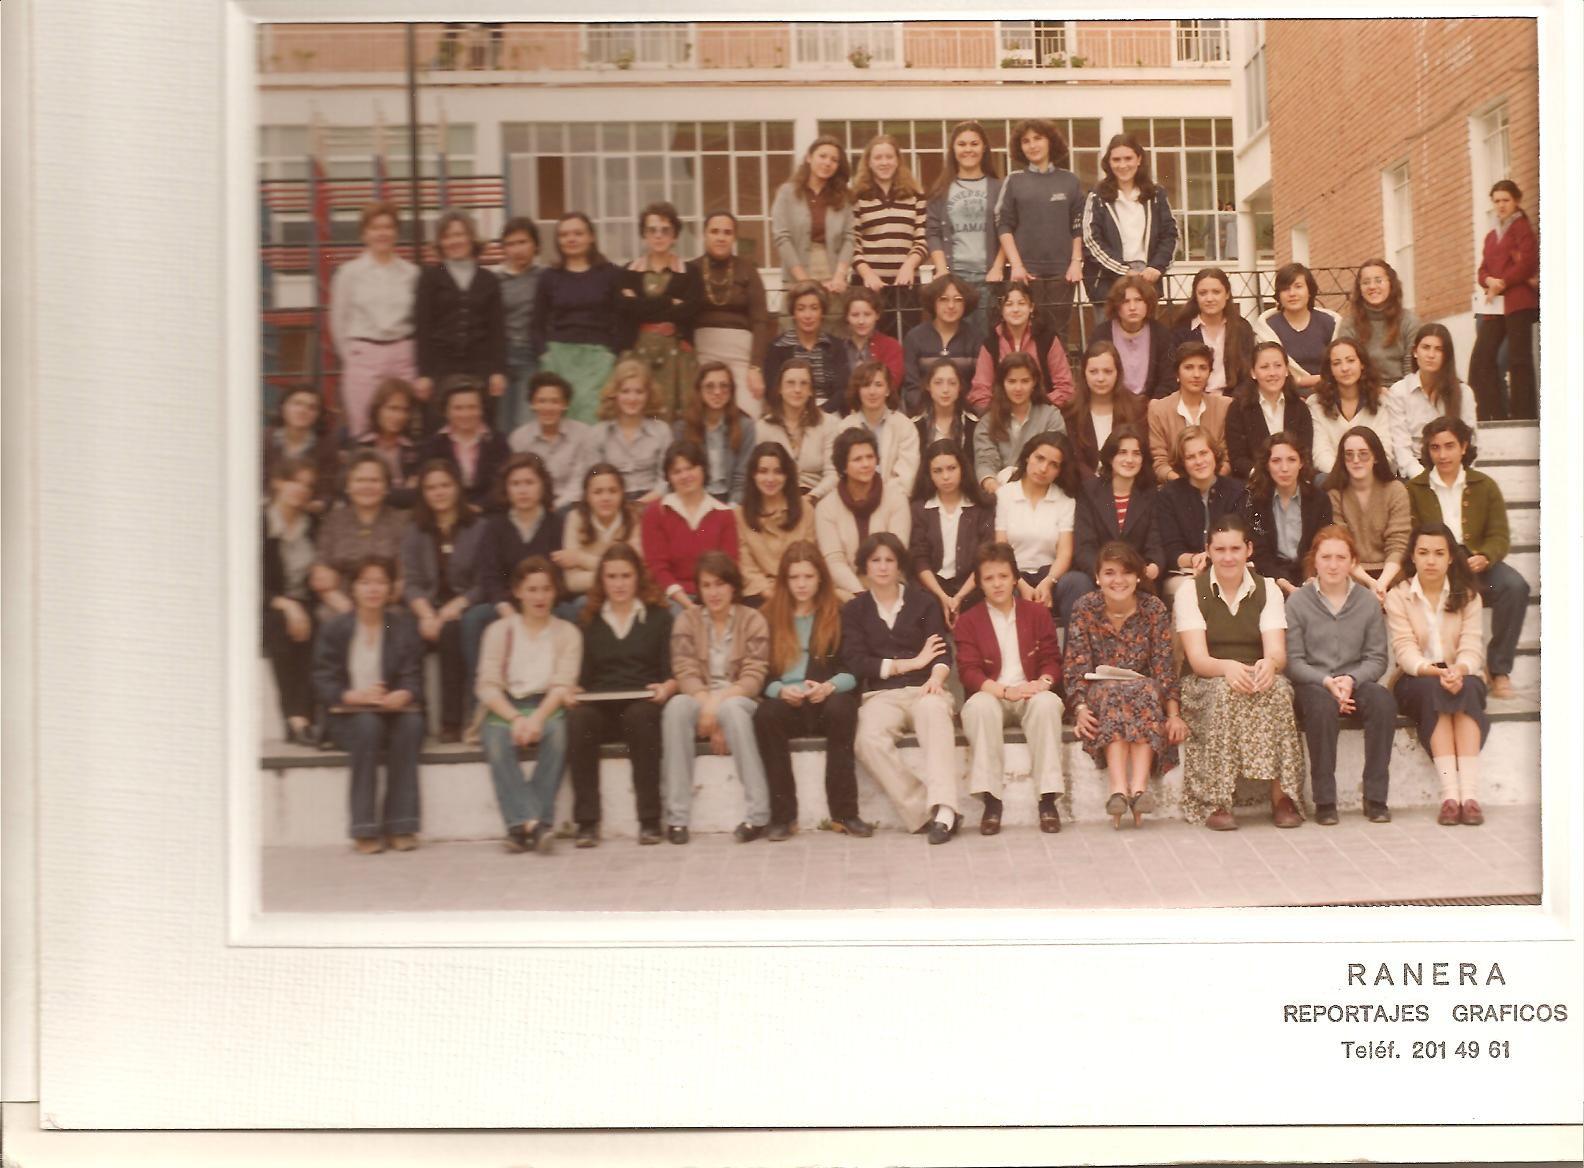 Recuerdos del colegio 23